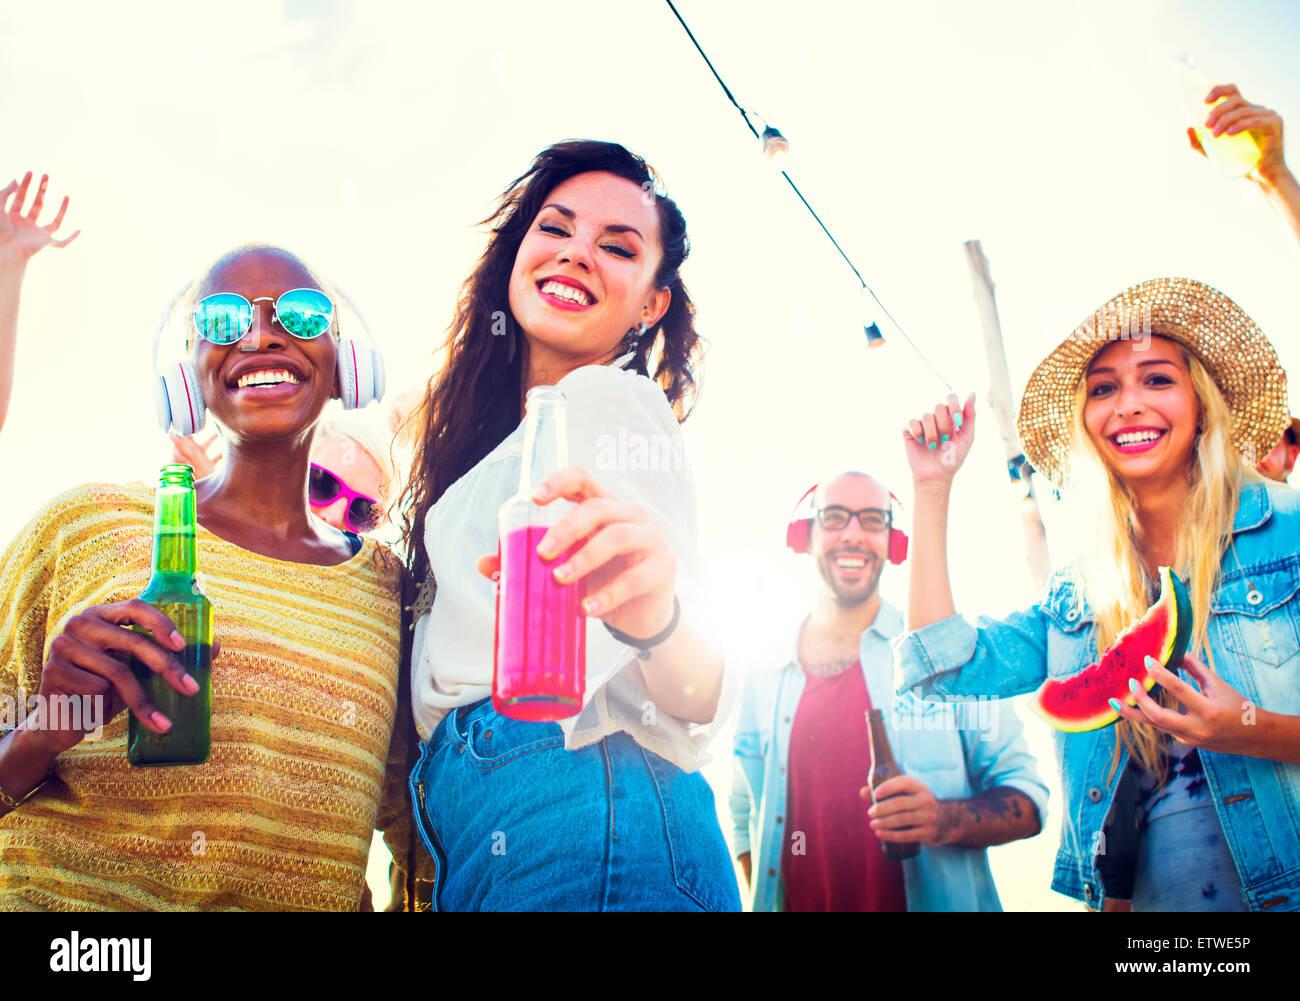 Fiesta de celebración de la amistad playa de verano concepto Imagen De Stock